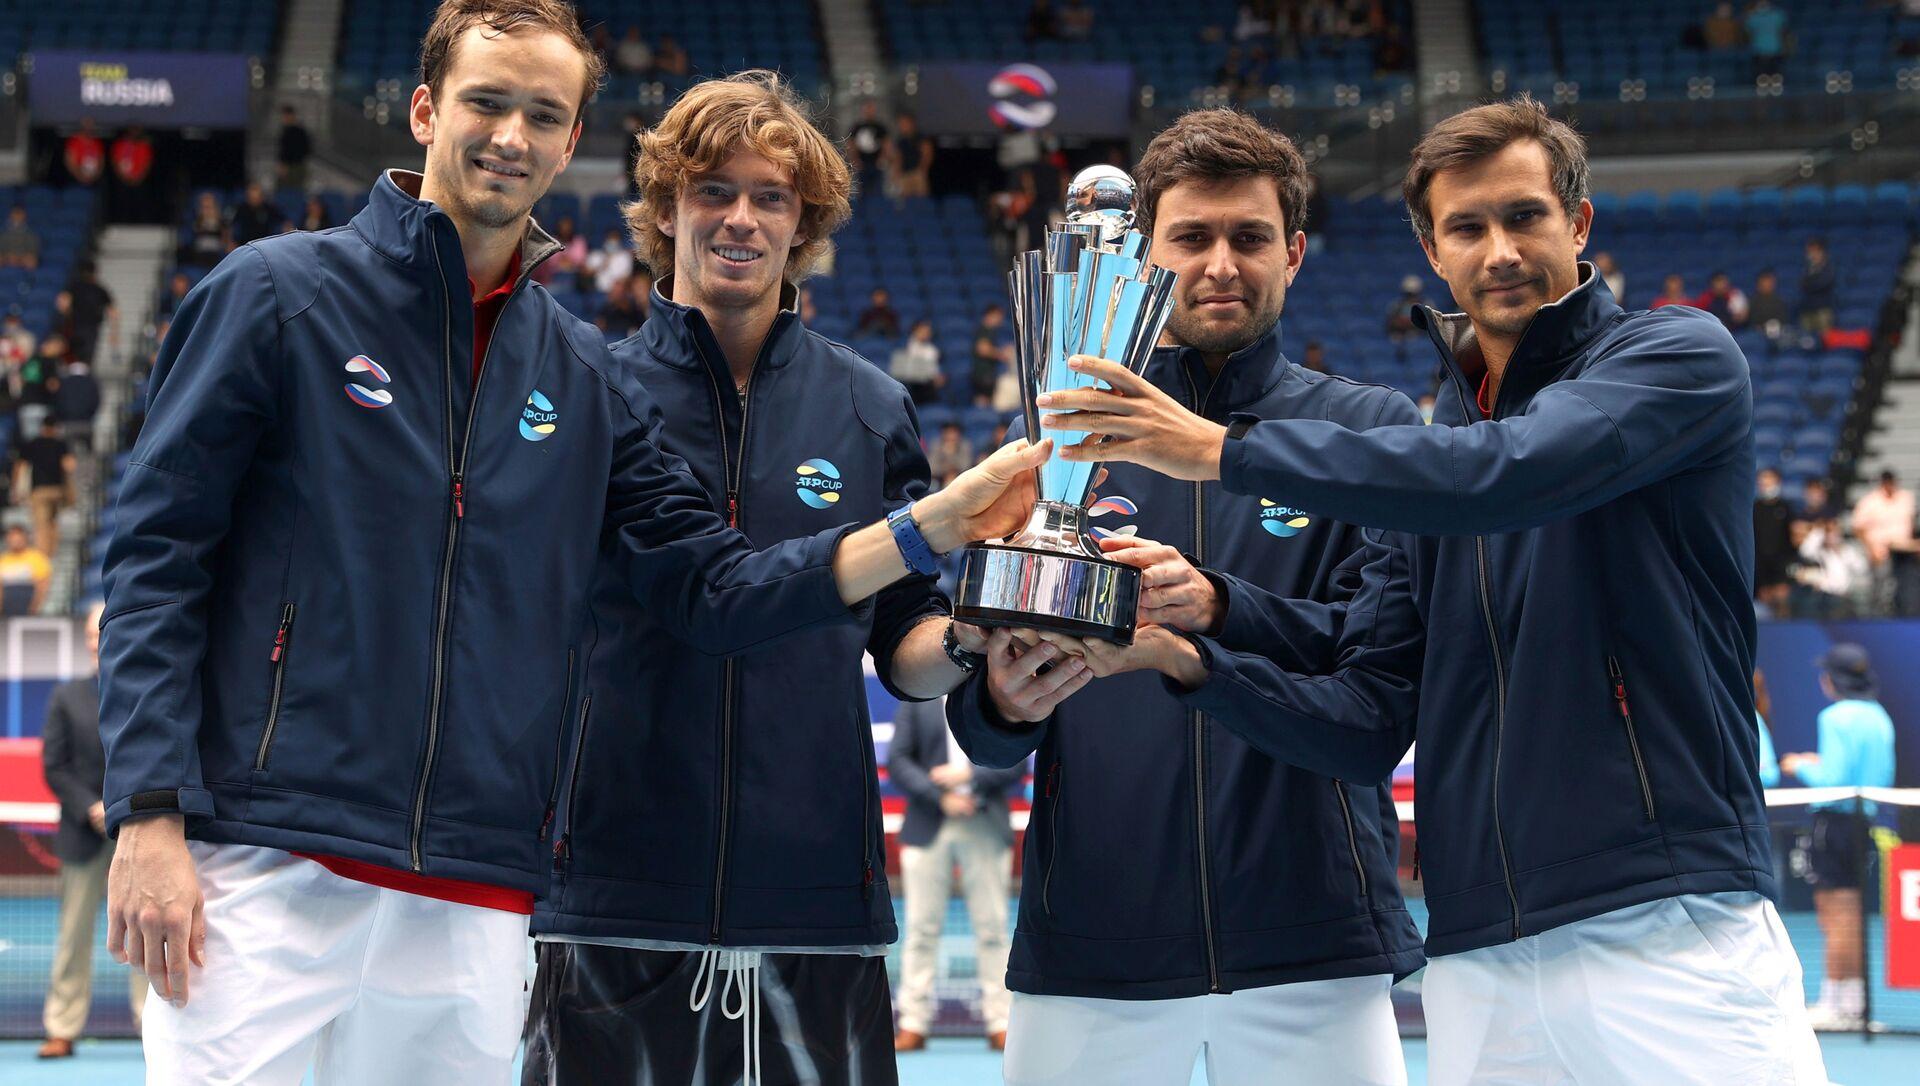 ATP Cup, l'Italia battuta in finale dalla Russia di Medvedev e Rublev - Sputnik Italia, 1920, 07.02.2021